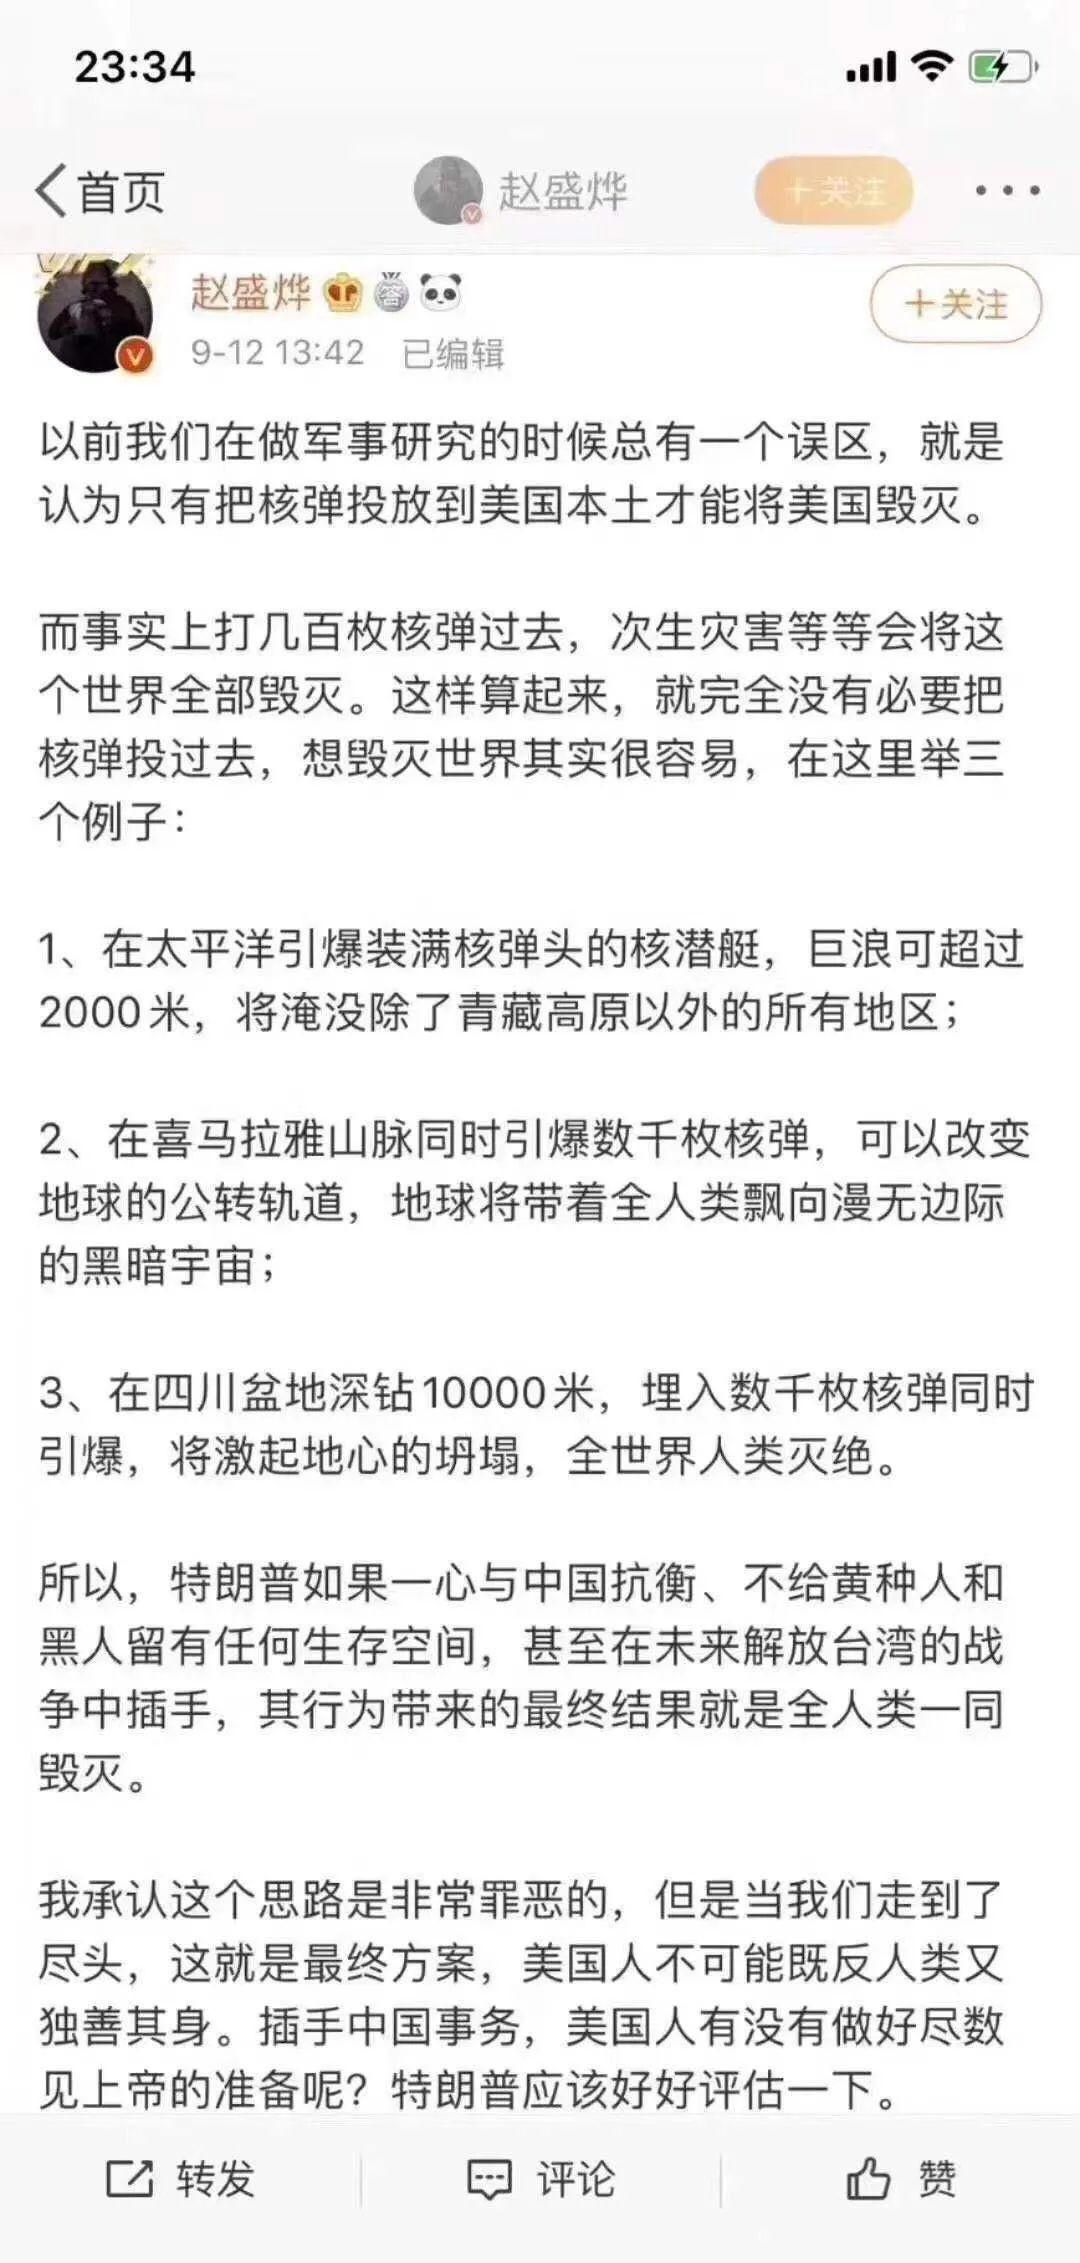 追骂张文宏之前,请先问自己这三个问题